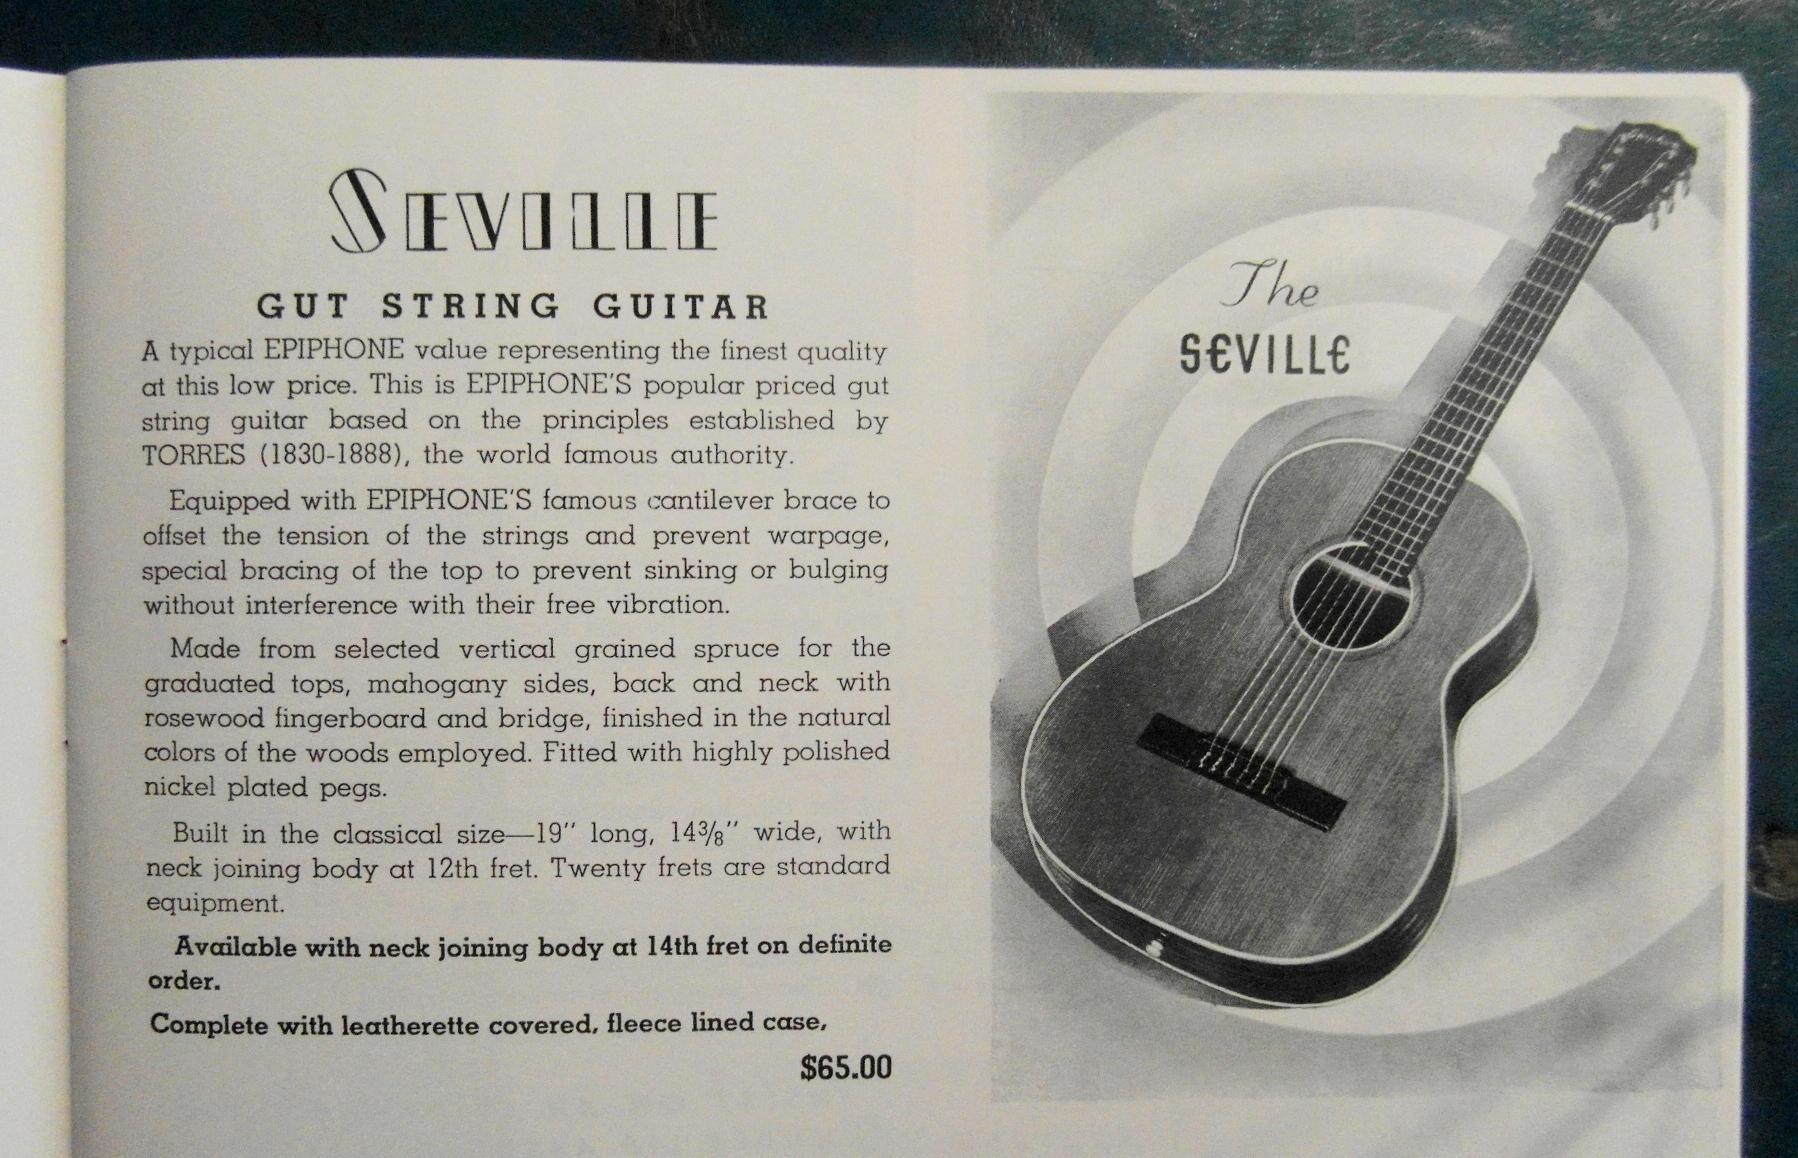 Seville cat1939 gutstring